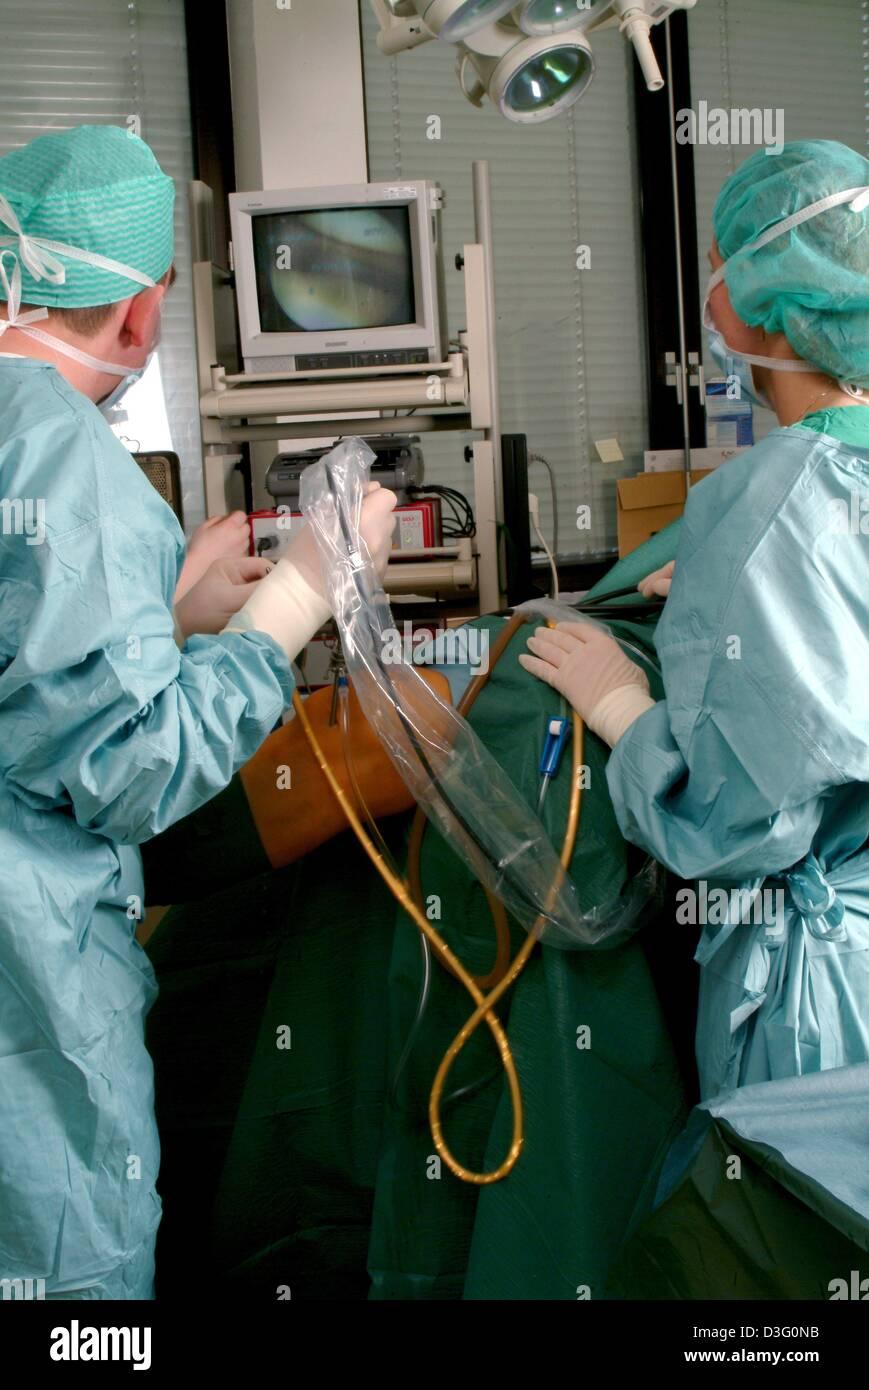 Wunderbar Anästhesie Assistent Galerie - Menschliche Anatomie Bilder ...